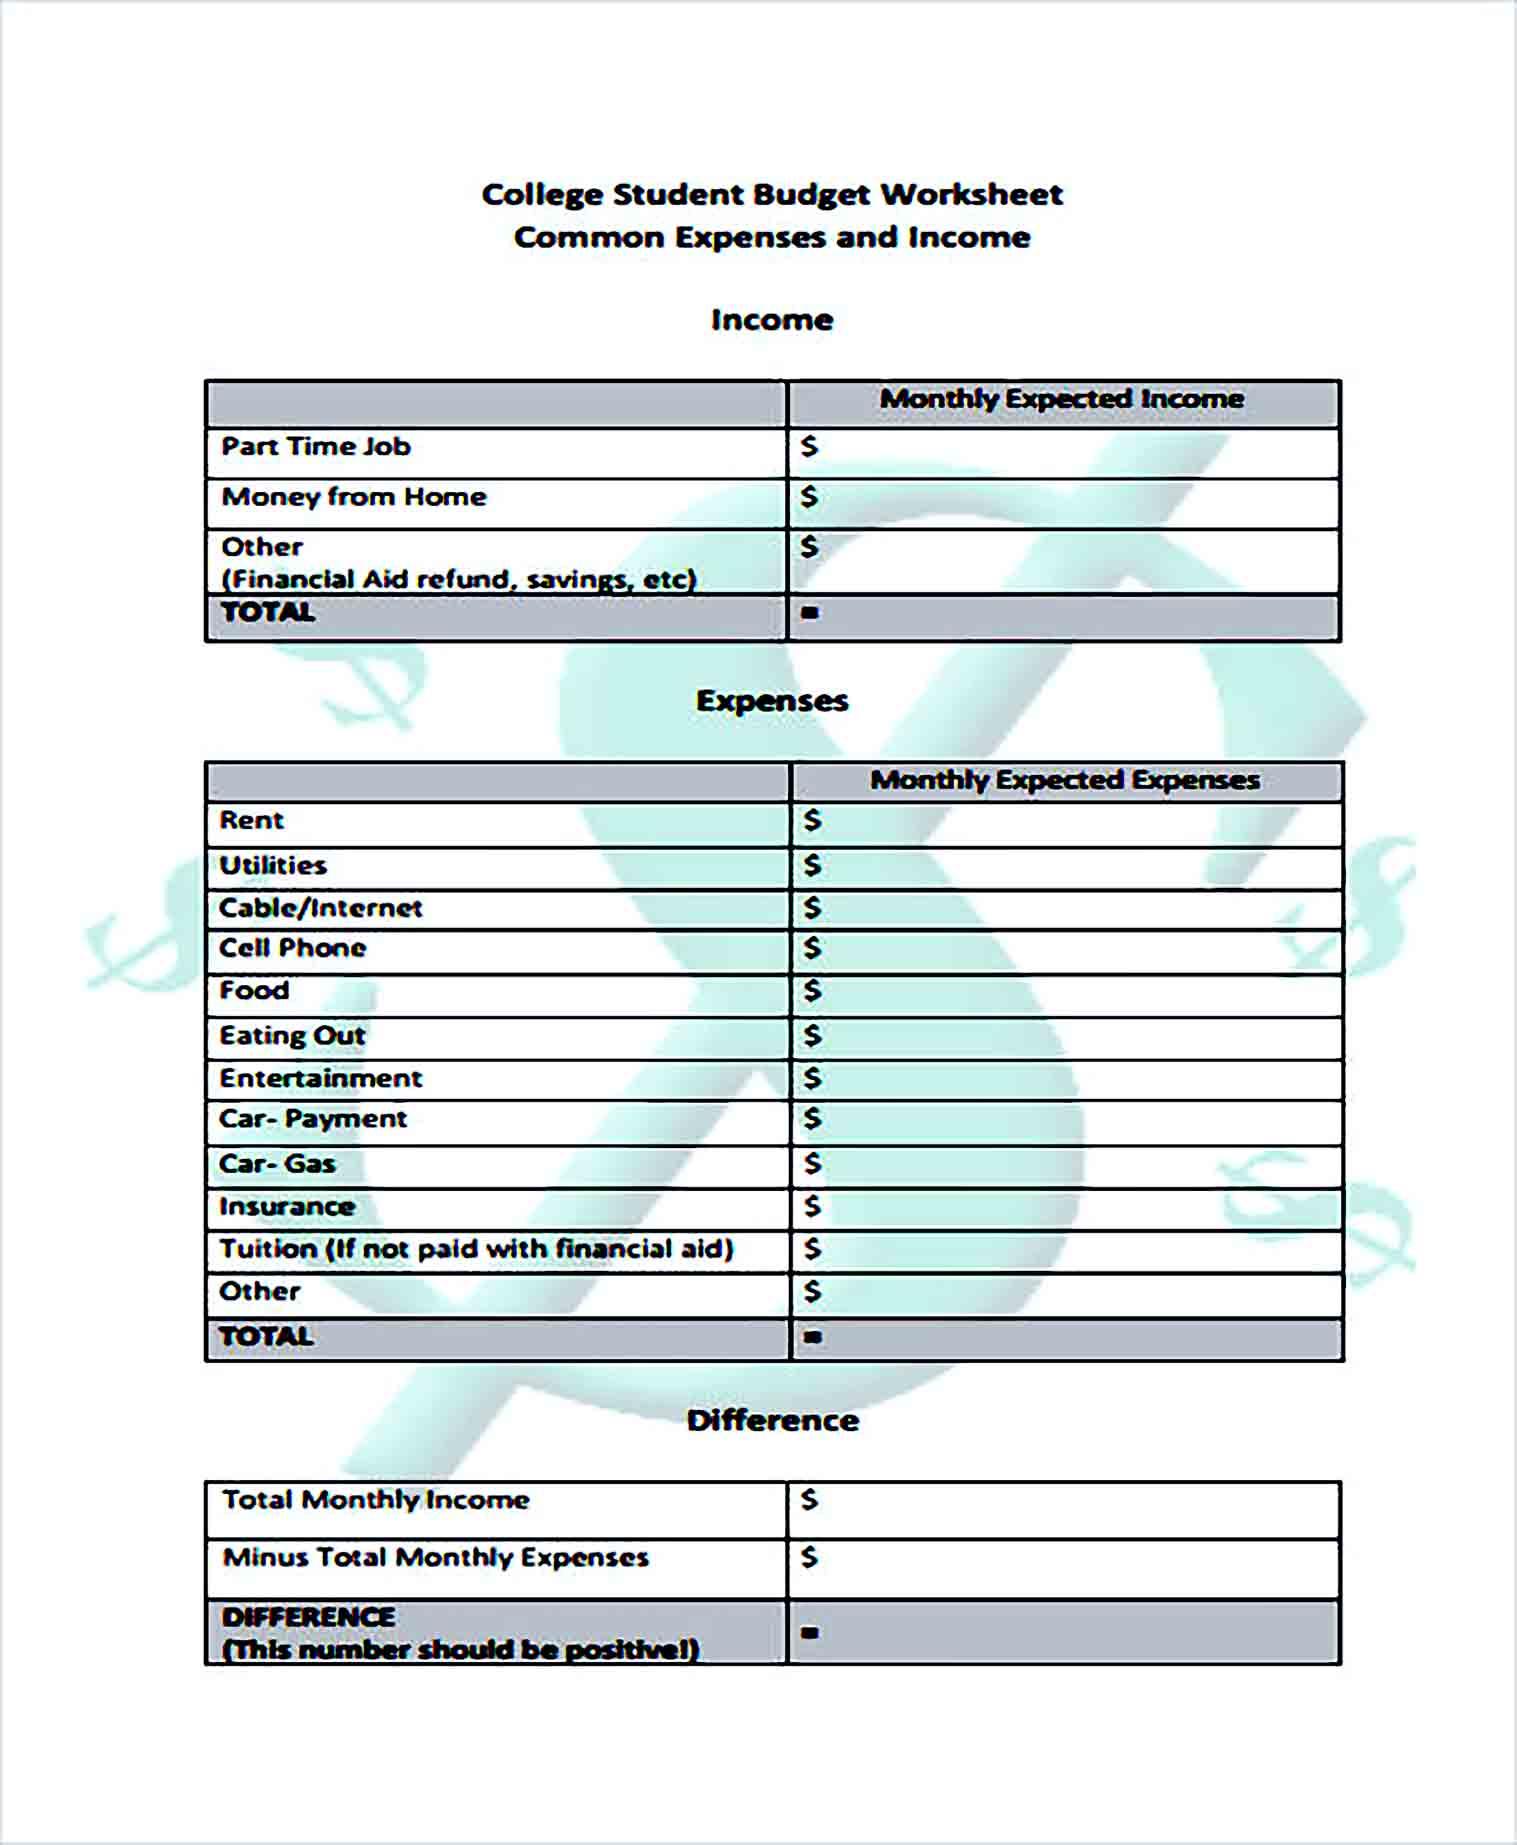 Sample College Student Budget Worksheet